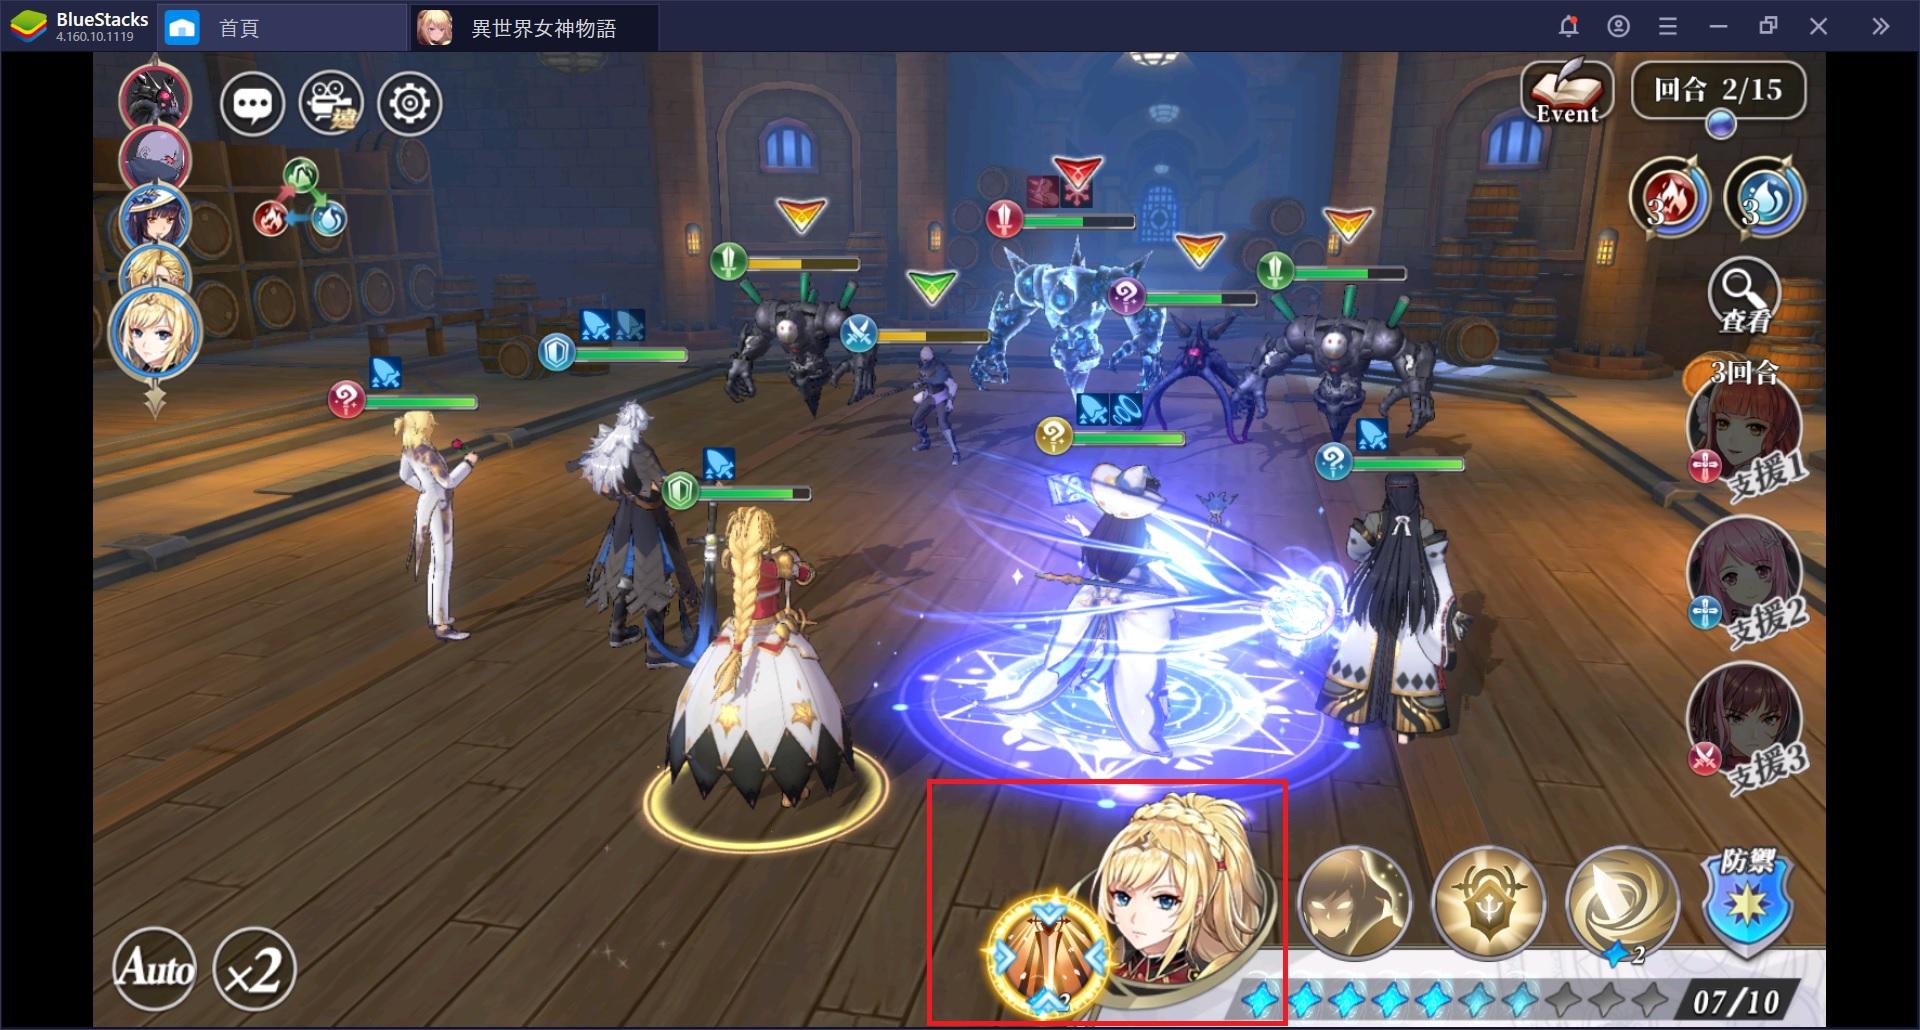 3D 卡牌戰鬥 RPG《異世界女神物語》:新手必知的遊戲常識